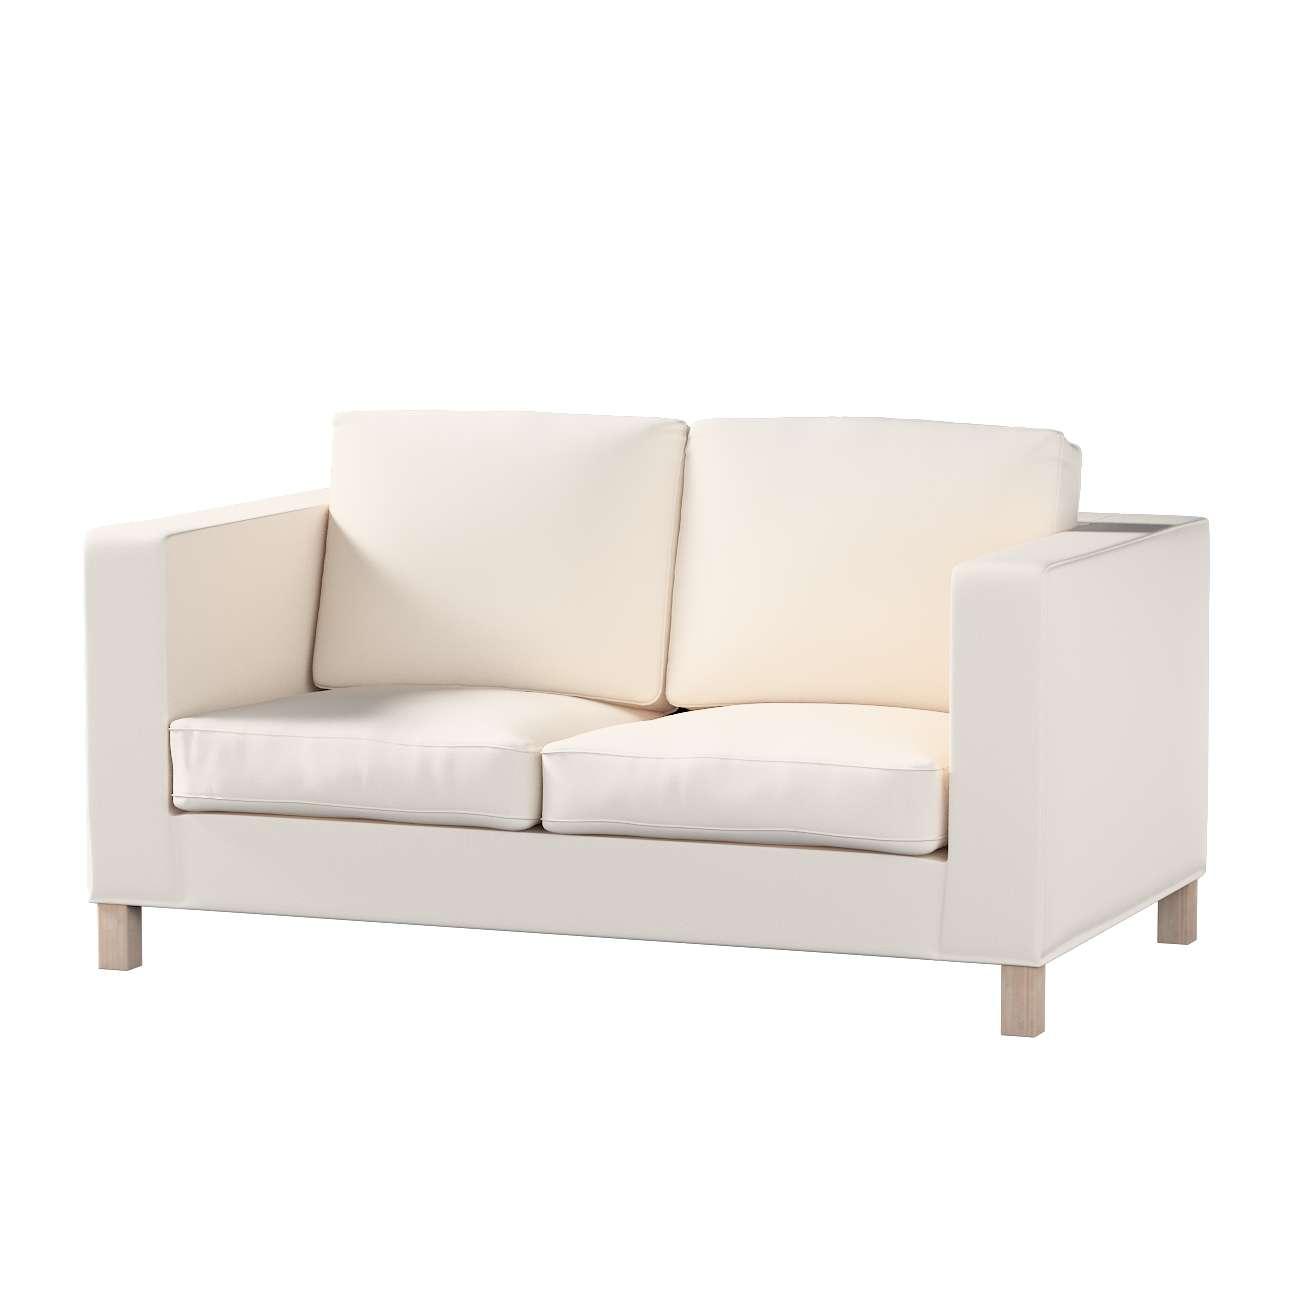 Pokrowiec na sofę Karlanda 2-osobową nierozkładaną, krótki w kolekcji Etna , tkanina: 705-01